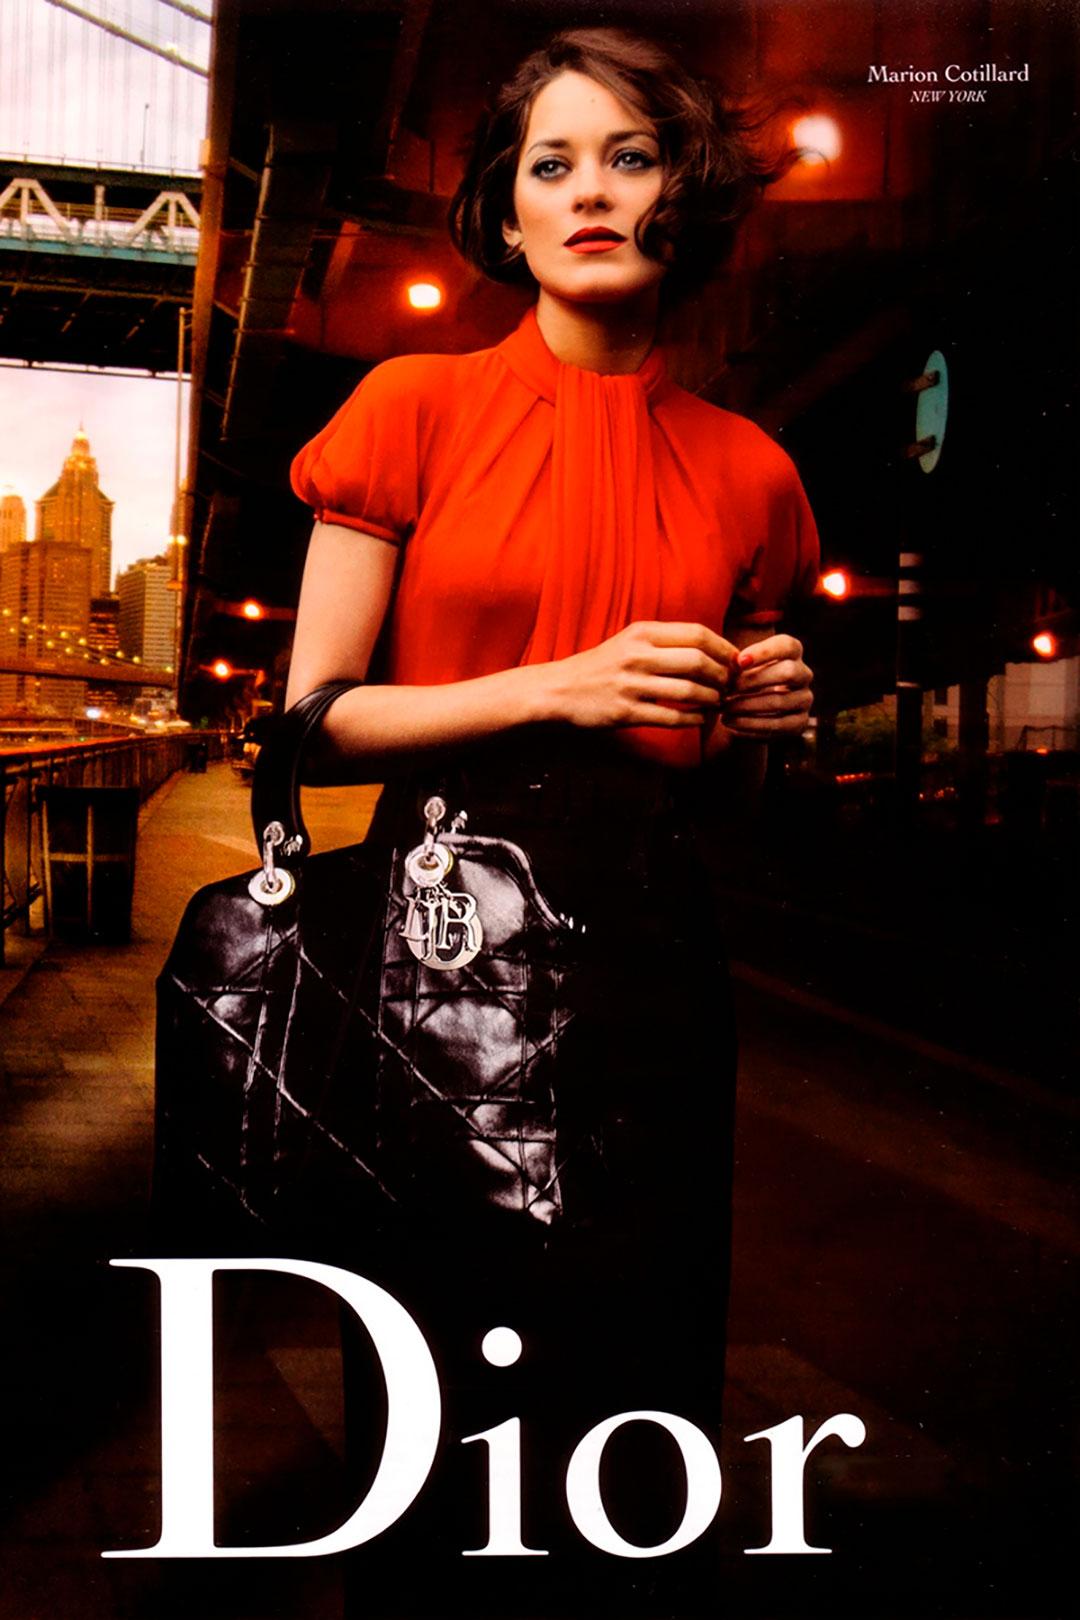 """La actriz Marion Cotillard, una de las favoritas de la firma francesa Dior, protagonizó la imagen de la maison para Miss Dior, tras haber ganado el Oscar por el filme """"La vie en rose"""""""